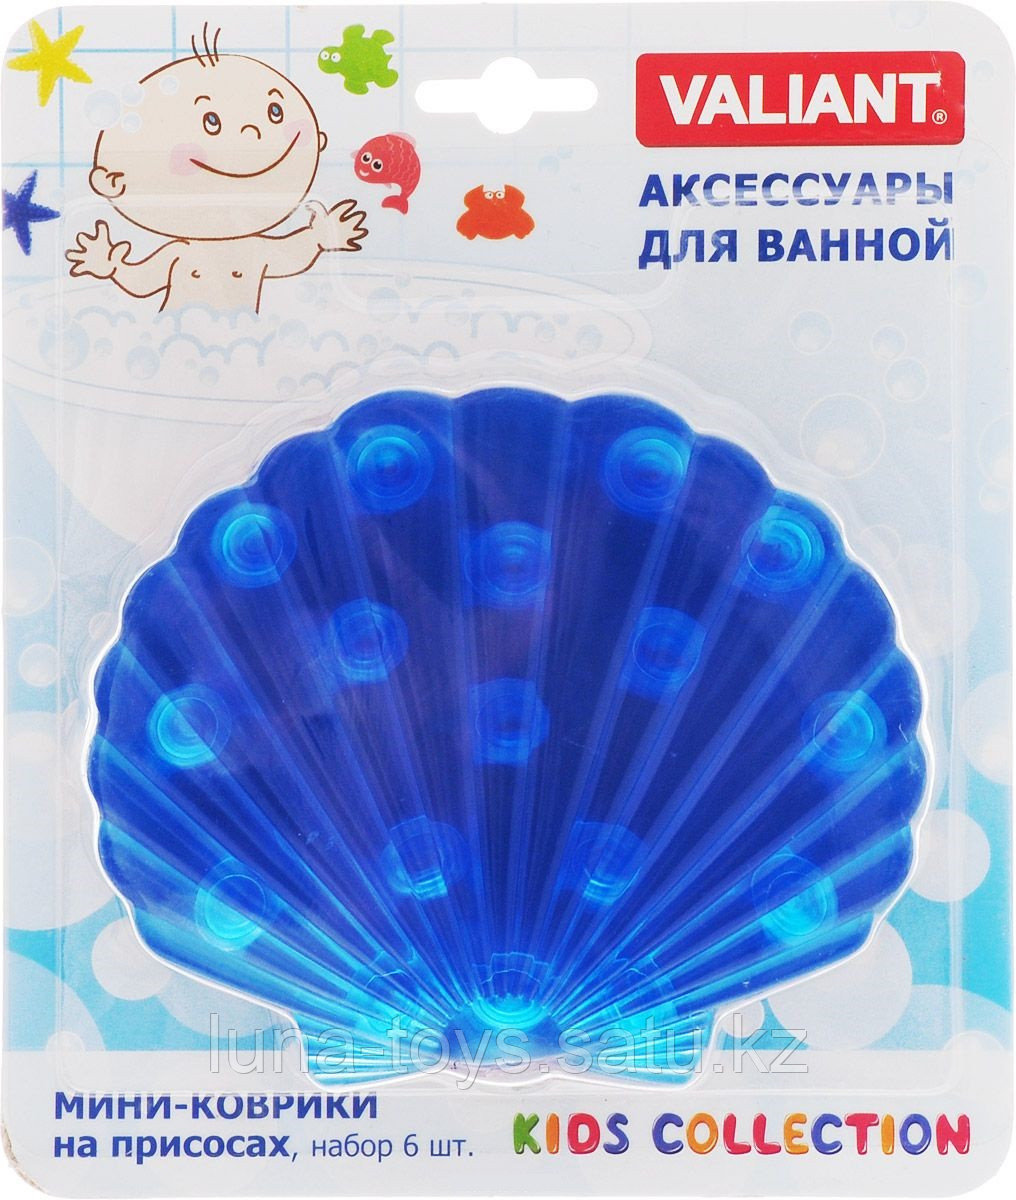 Мини коврик для ванной комнаты РАКУШКА (на присосах), цвета микс: синий,розовый